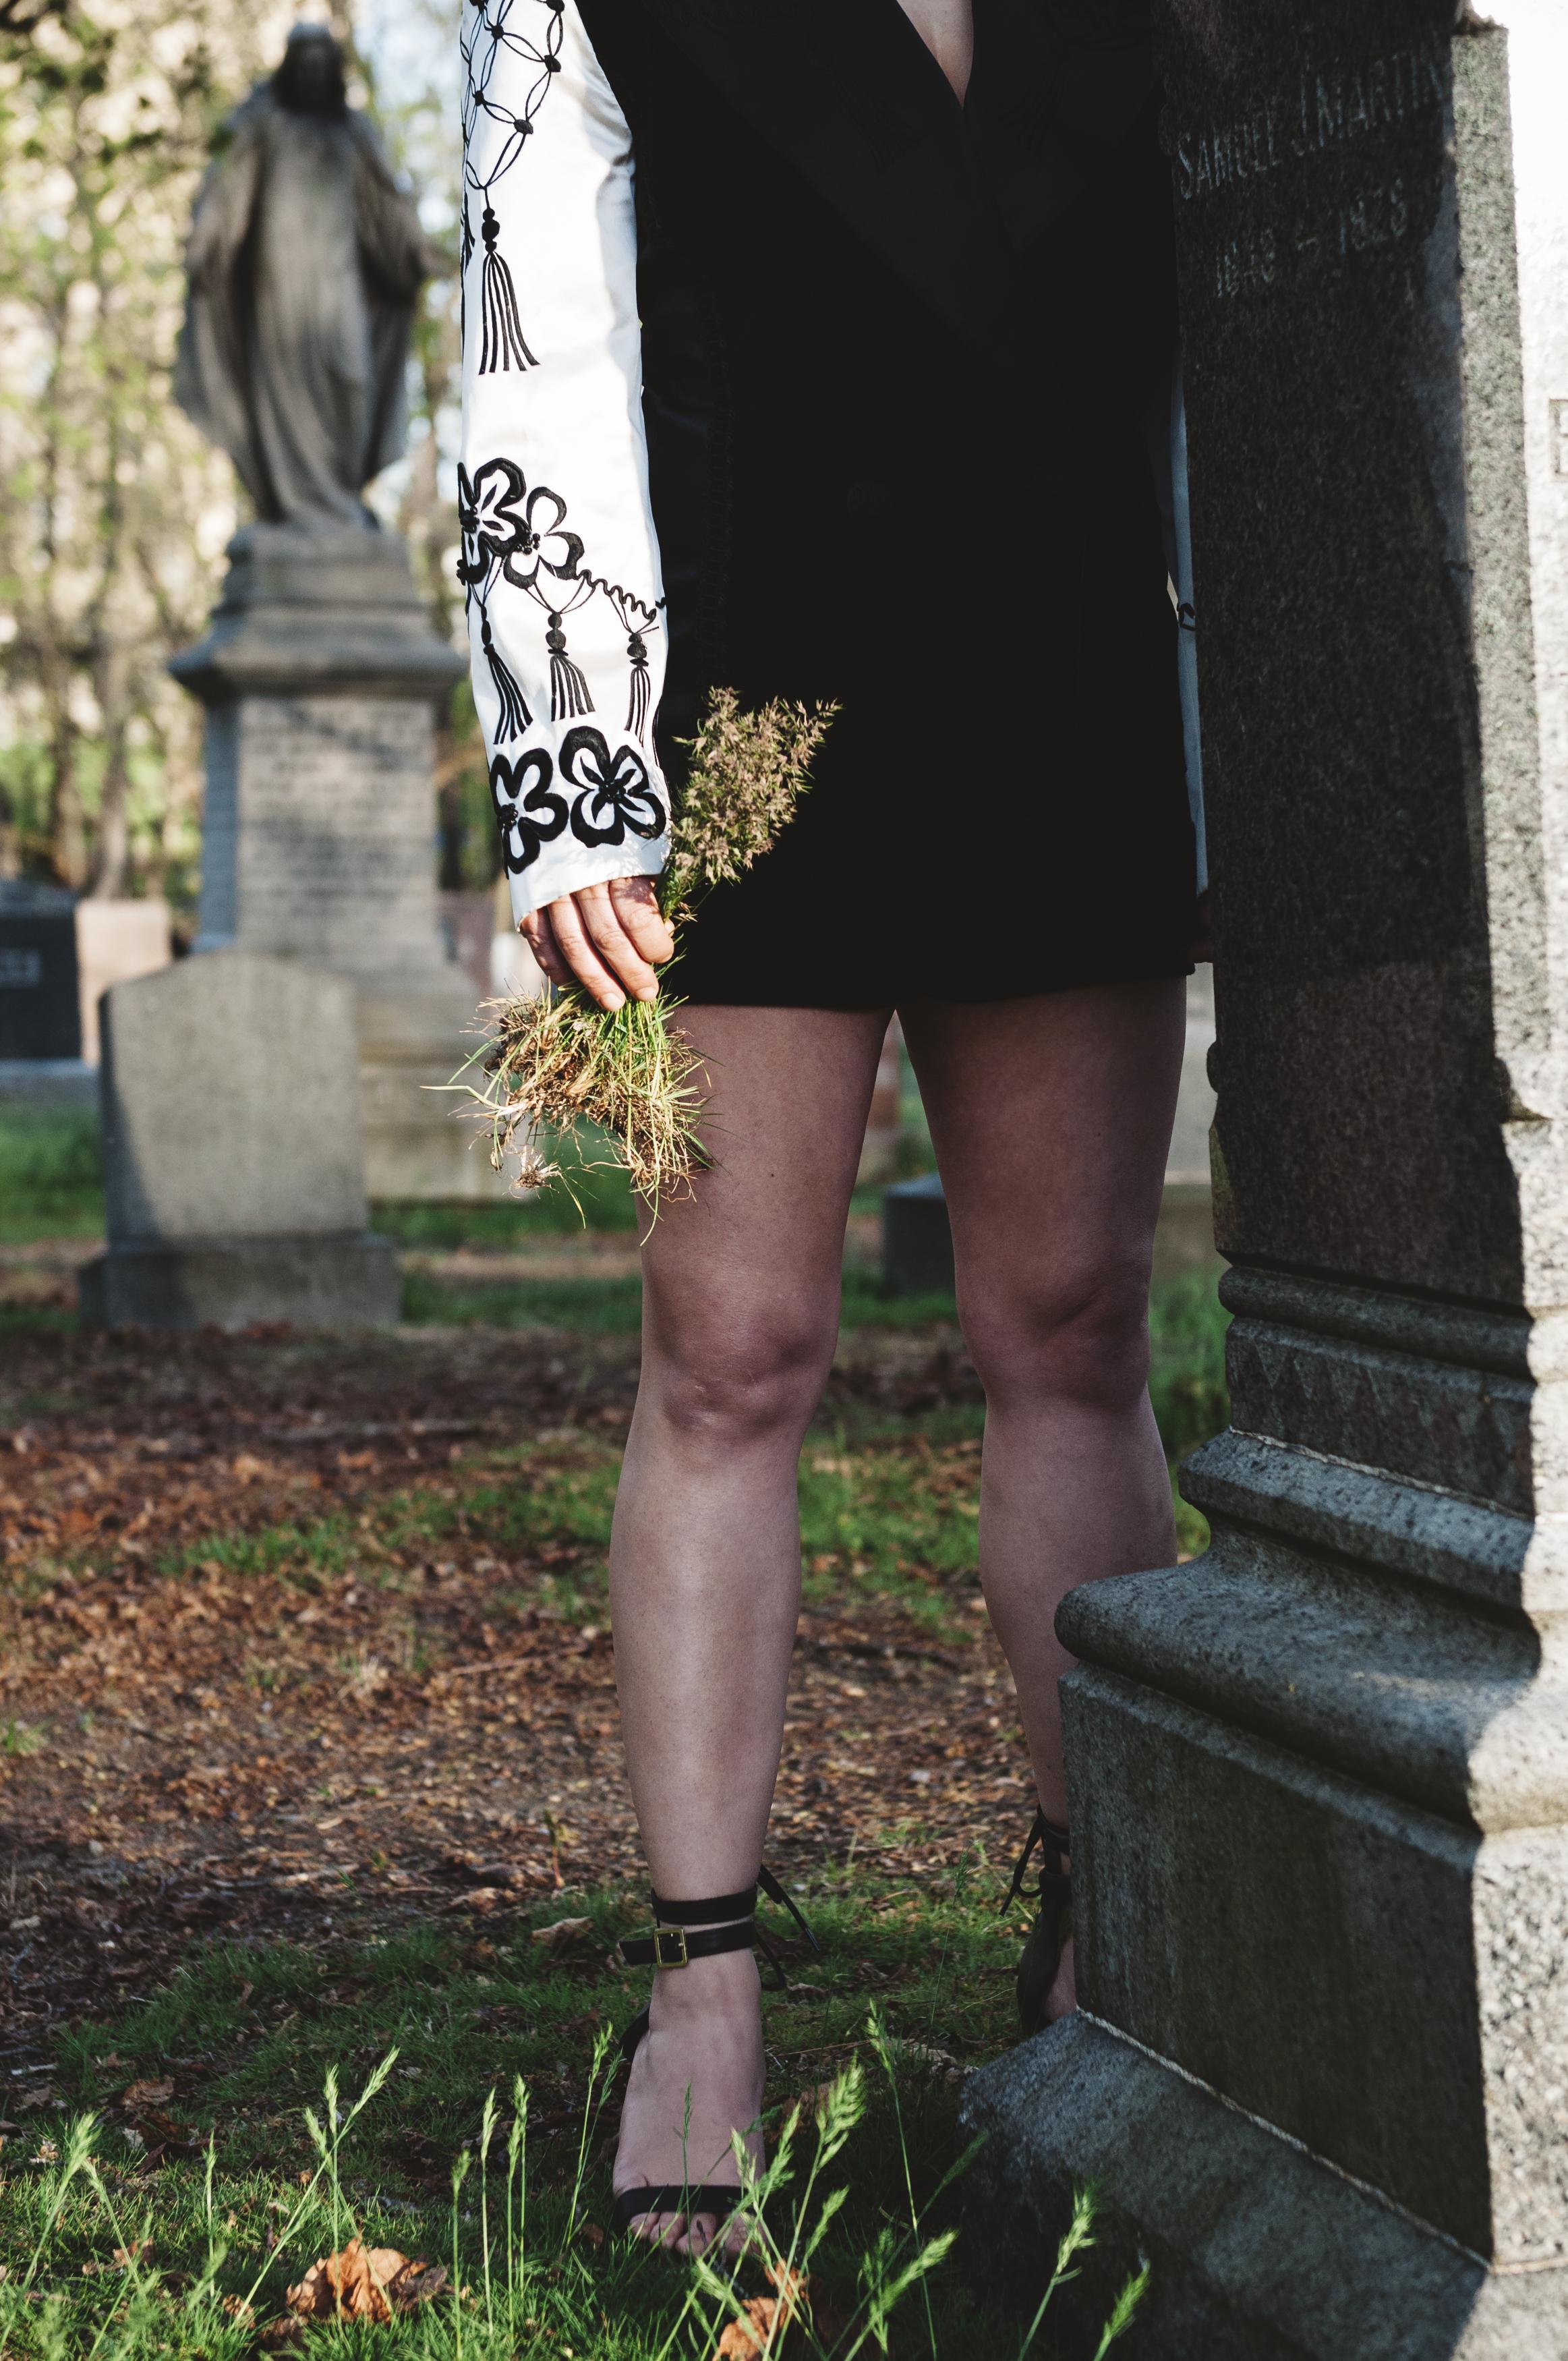 160501_Su_Cemetery_©hedouble2016_010.jpg